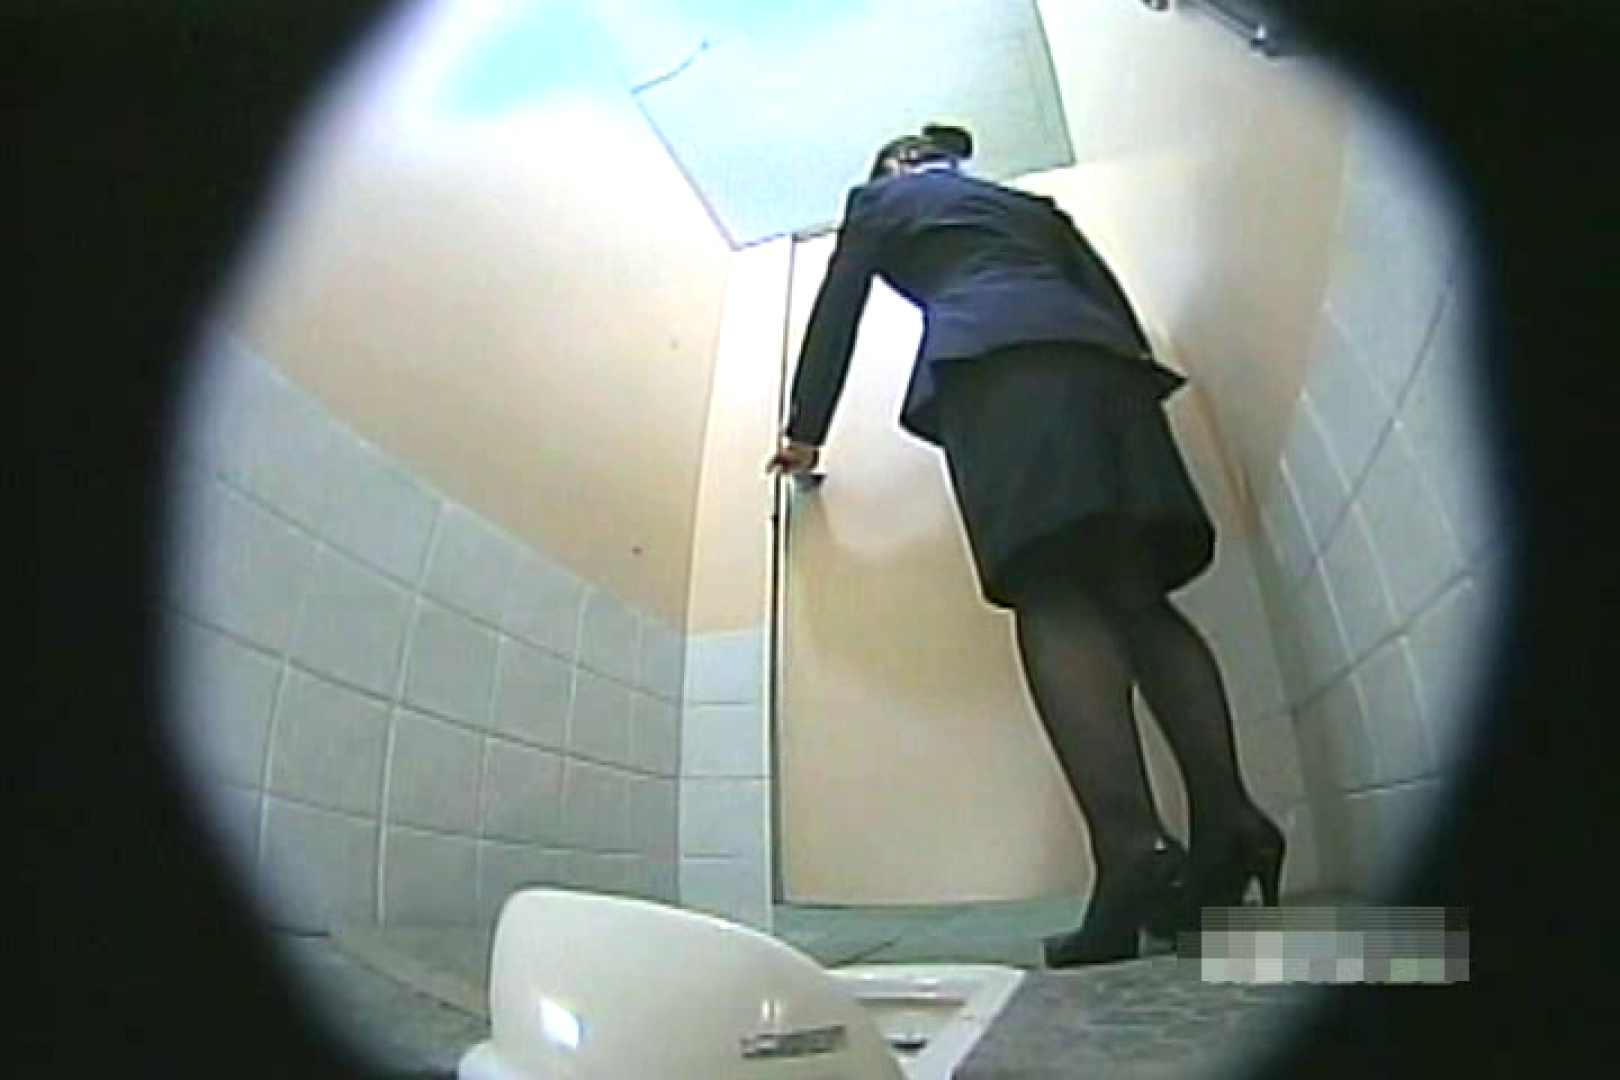 美脚・美人・スレンダーじゃなきゃスチュワーデスじゃないVol.2 洗面所はめどり 盗撮画像 56画像 38